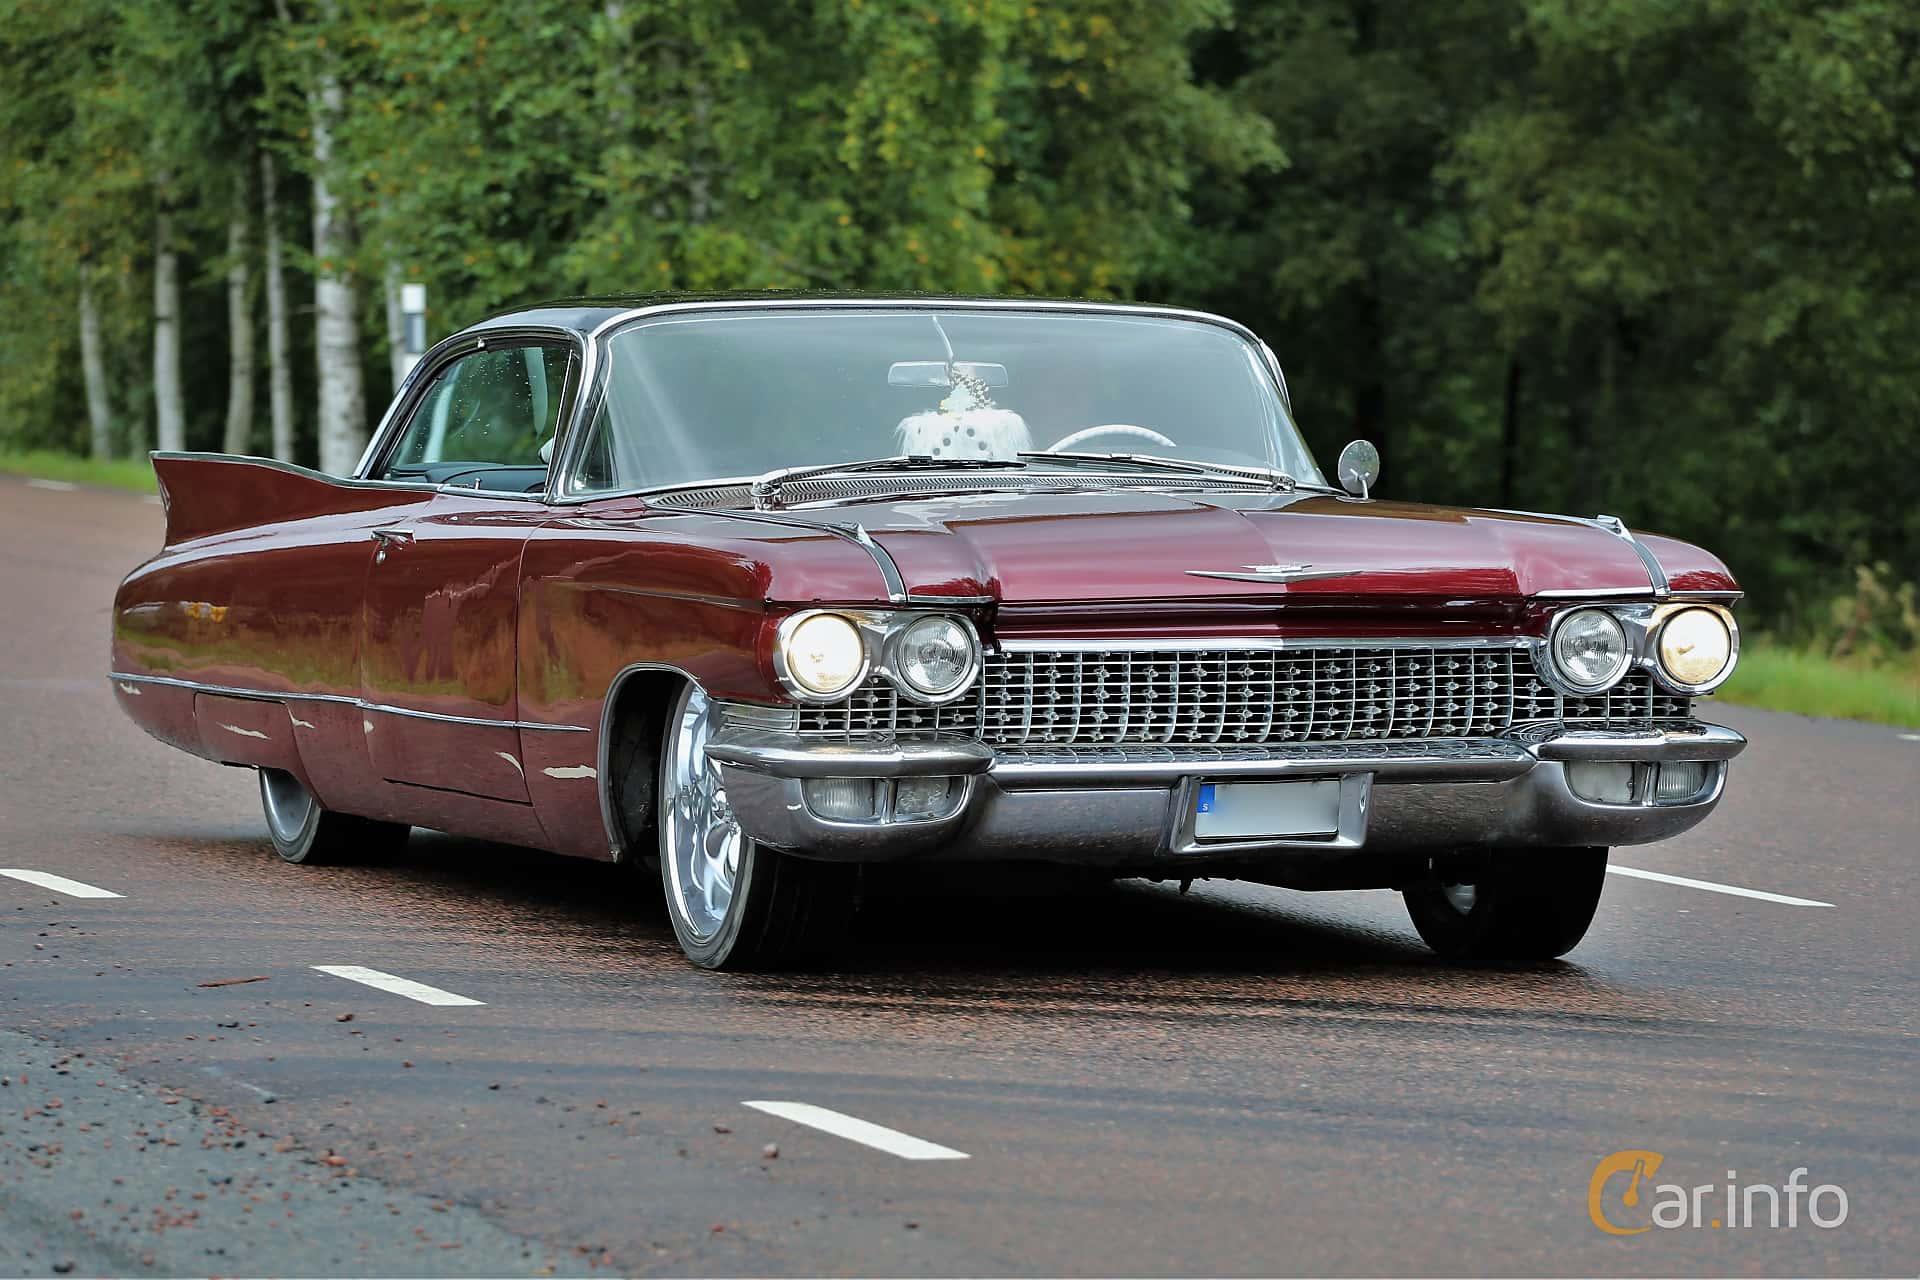 Cadillac Coupé de Ville 6.4 V8 OHV Hydra-Matic, 349hp, 1960